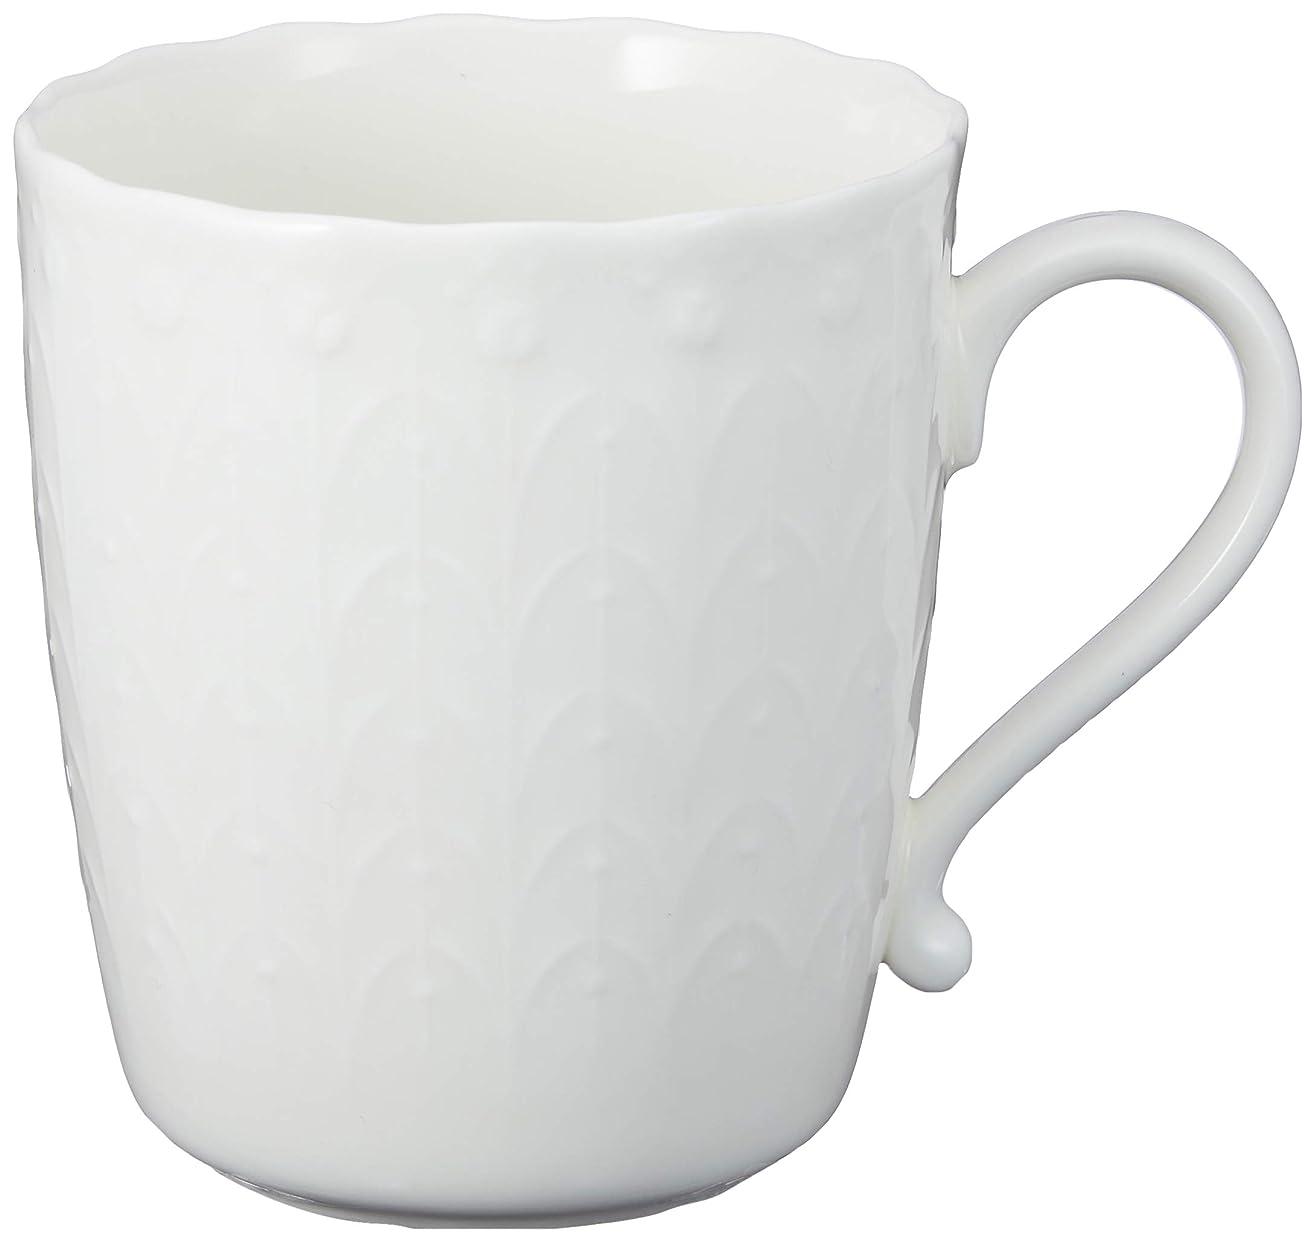 わずかなフライトボリュームNARUMI(ナルミ) マグカップ シルキーホワイト 330cc 電子レンジ温め 食洗機対応 9968-2583P